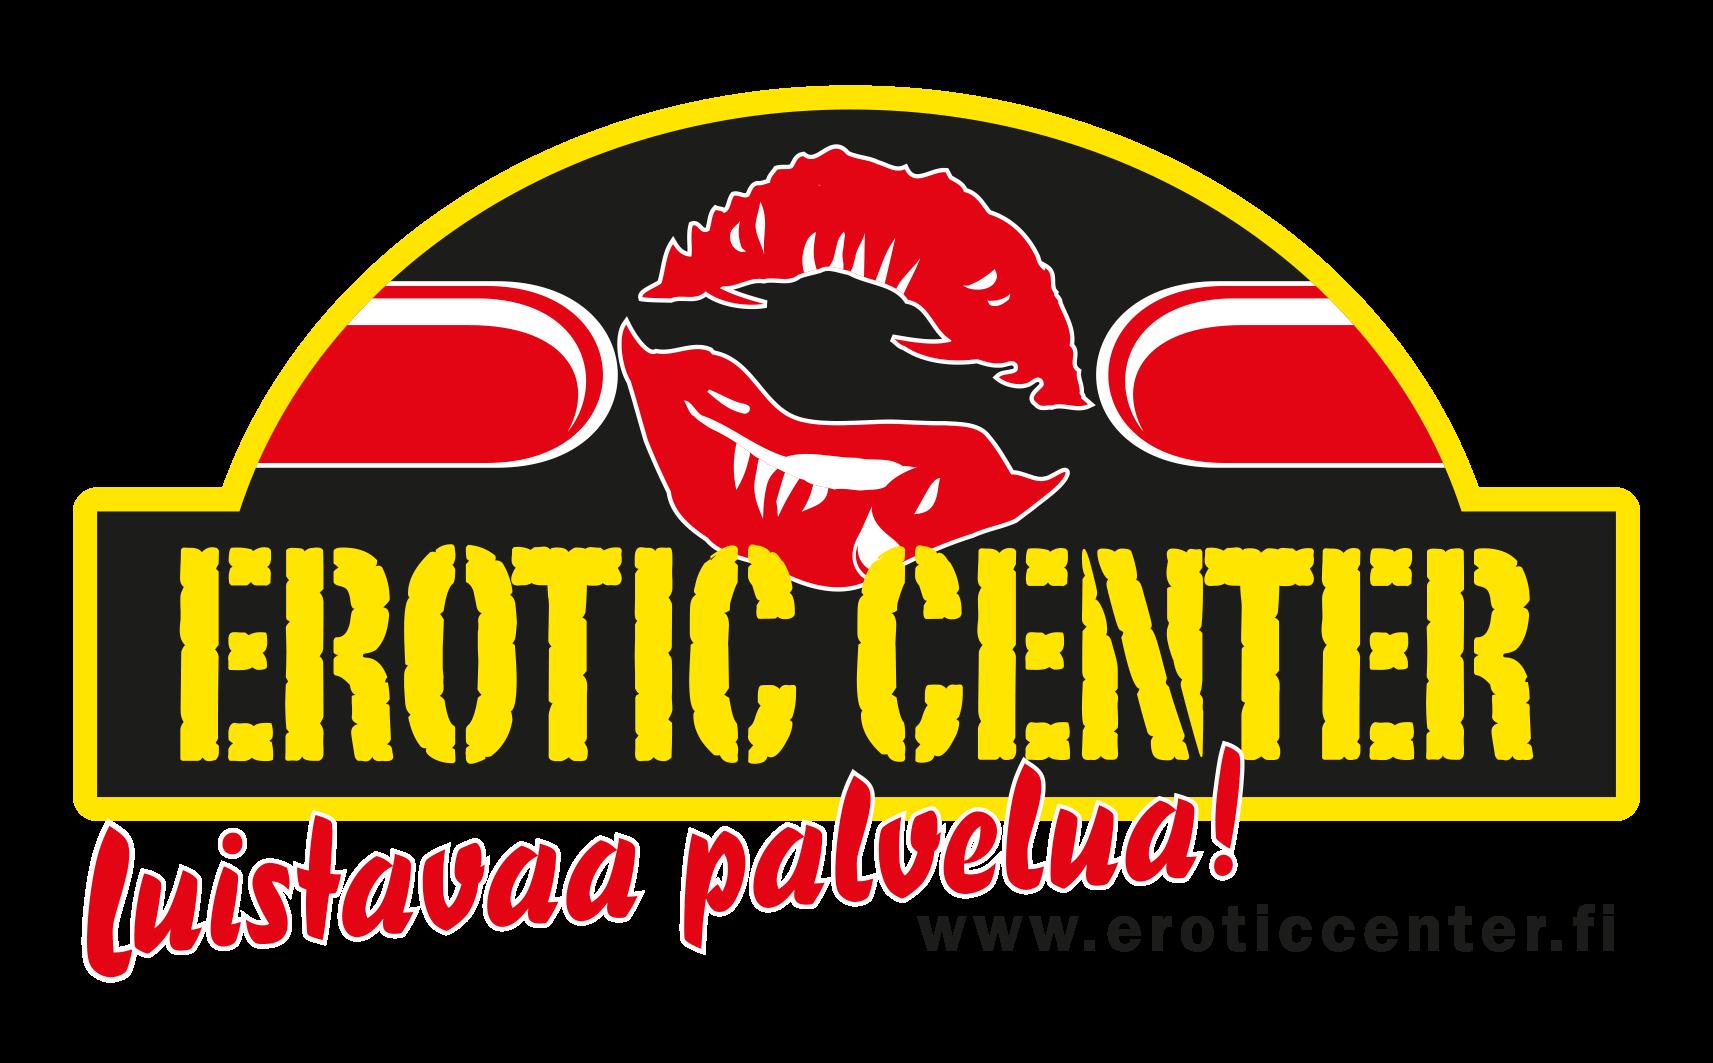 Erotic Center